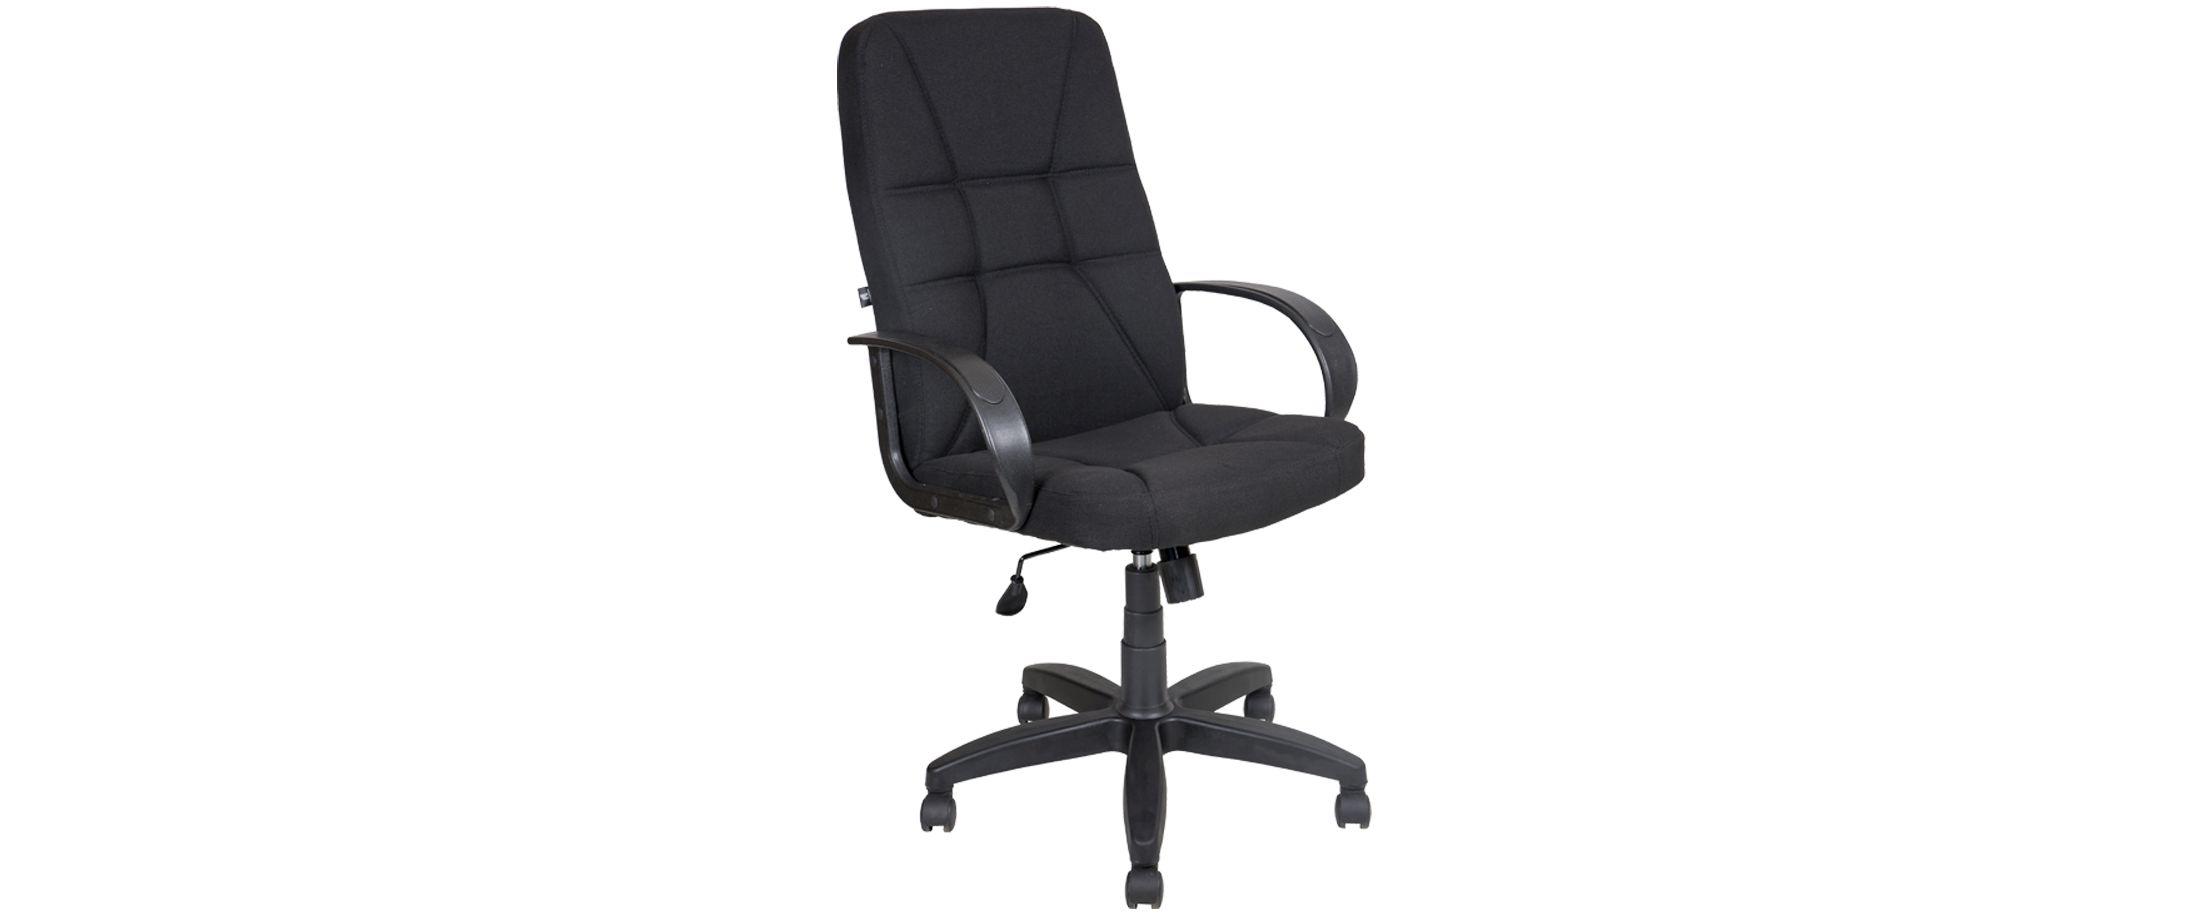 Кресло офисное AV 114 тканевое черное Модель 999 от MOON TRADE